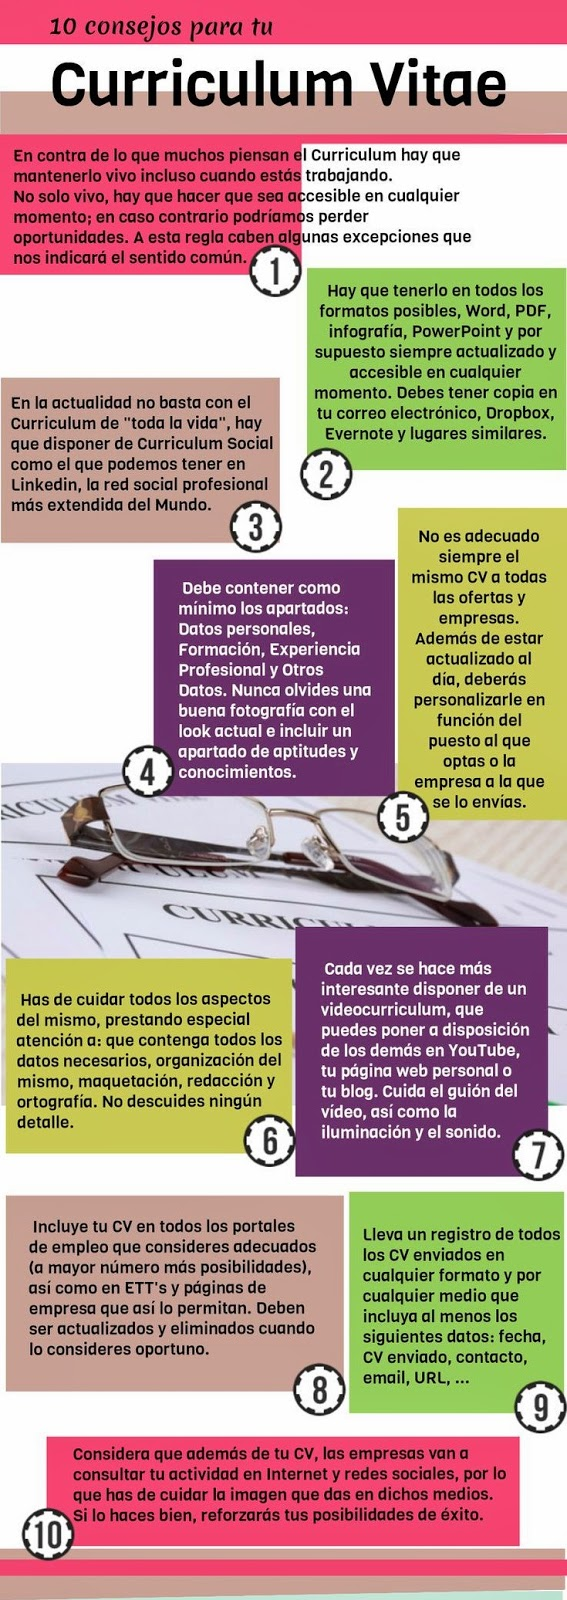 Tecnicos Radiologos: Uso del documento Curriculum Vitae y manejo ...